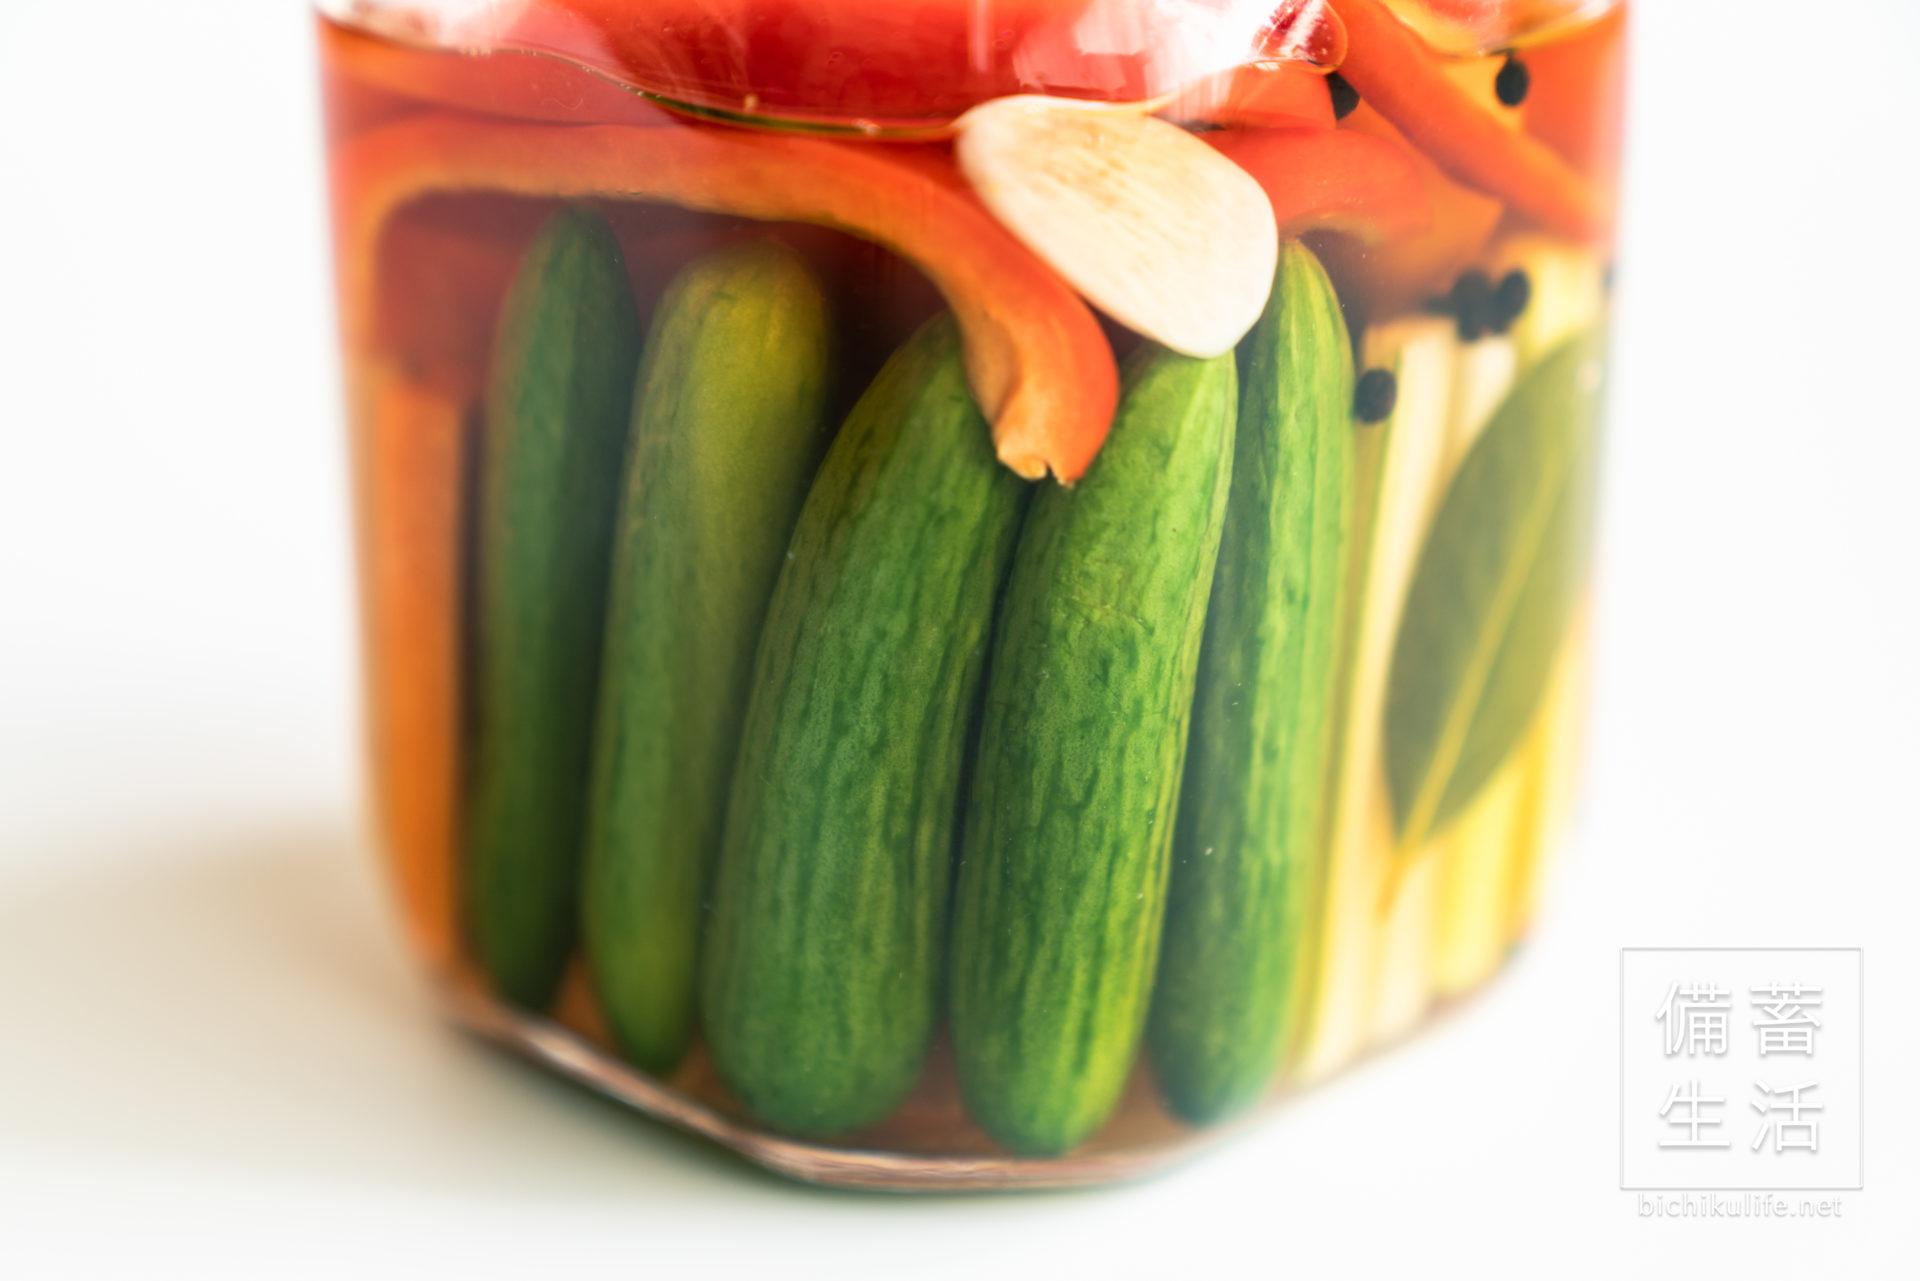 自家製ピクルスのレシピ、具材のミニきゅうり